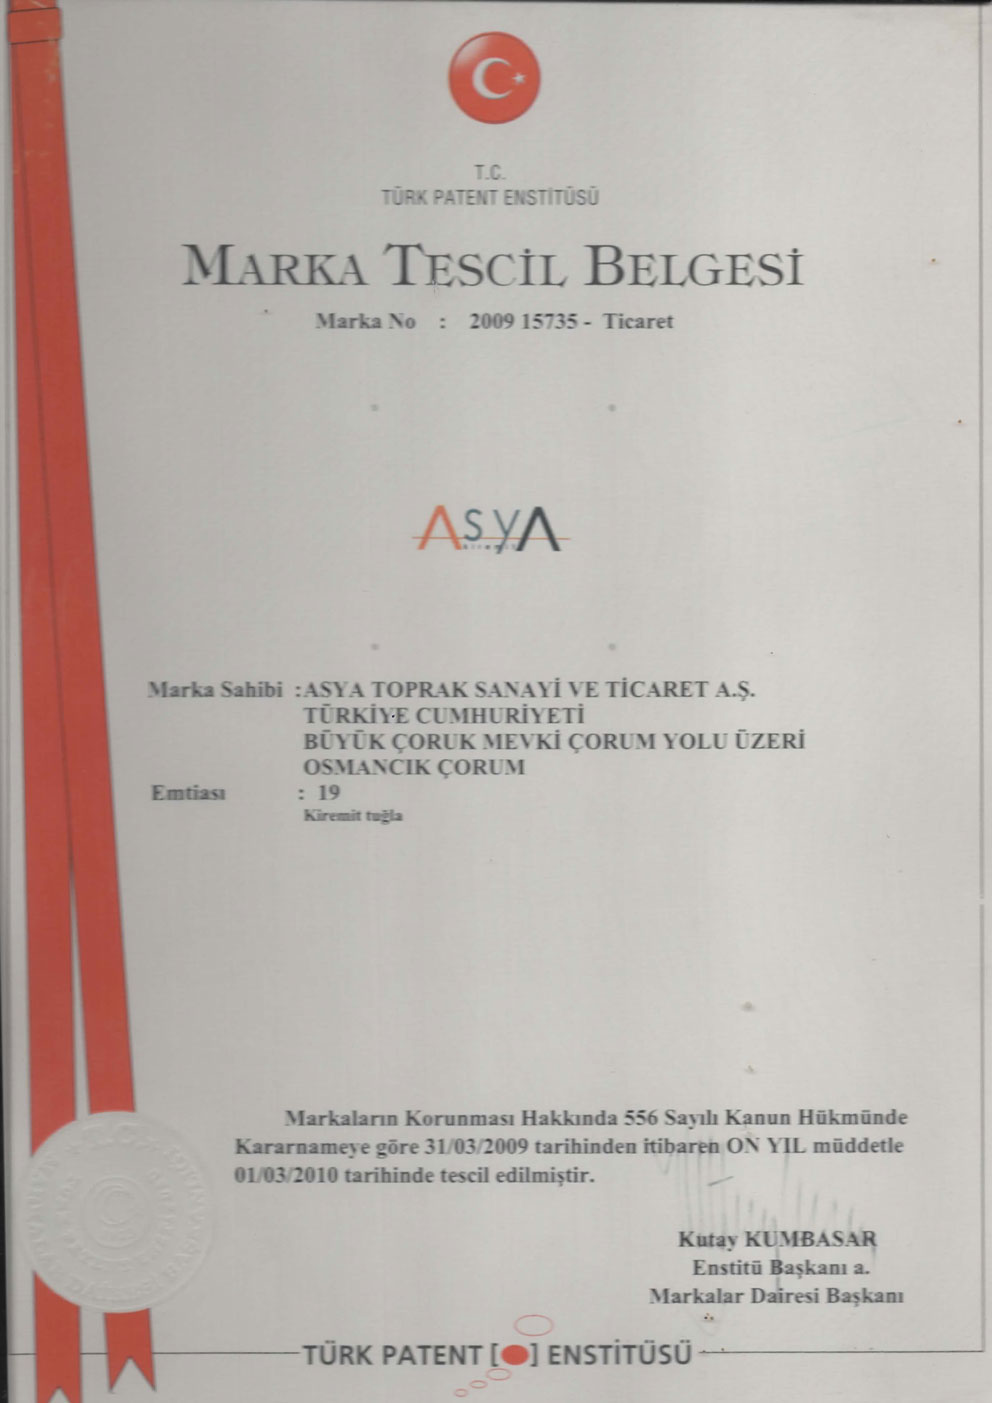 ASYA TOPRAK Marka Tescili